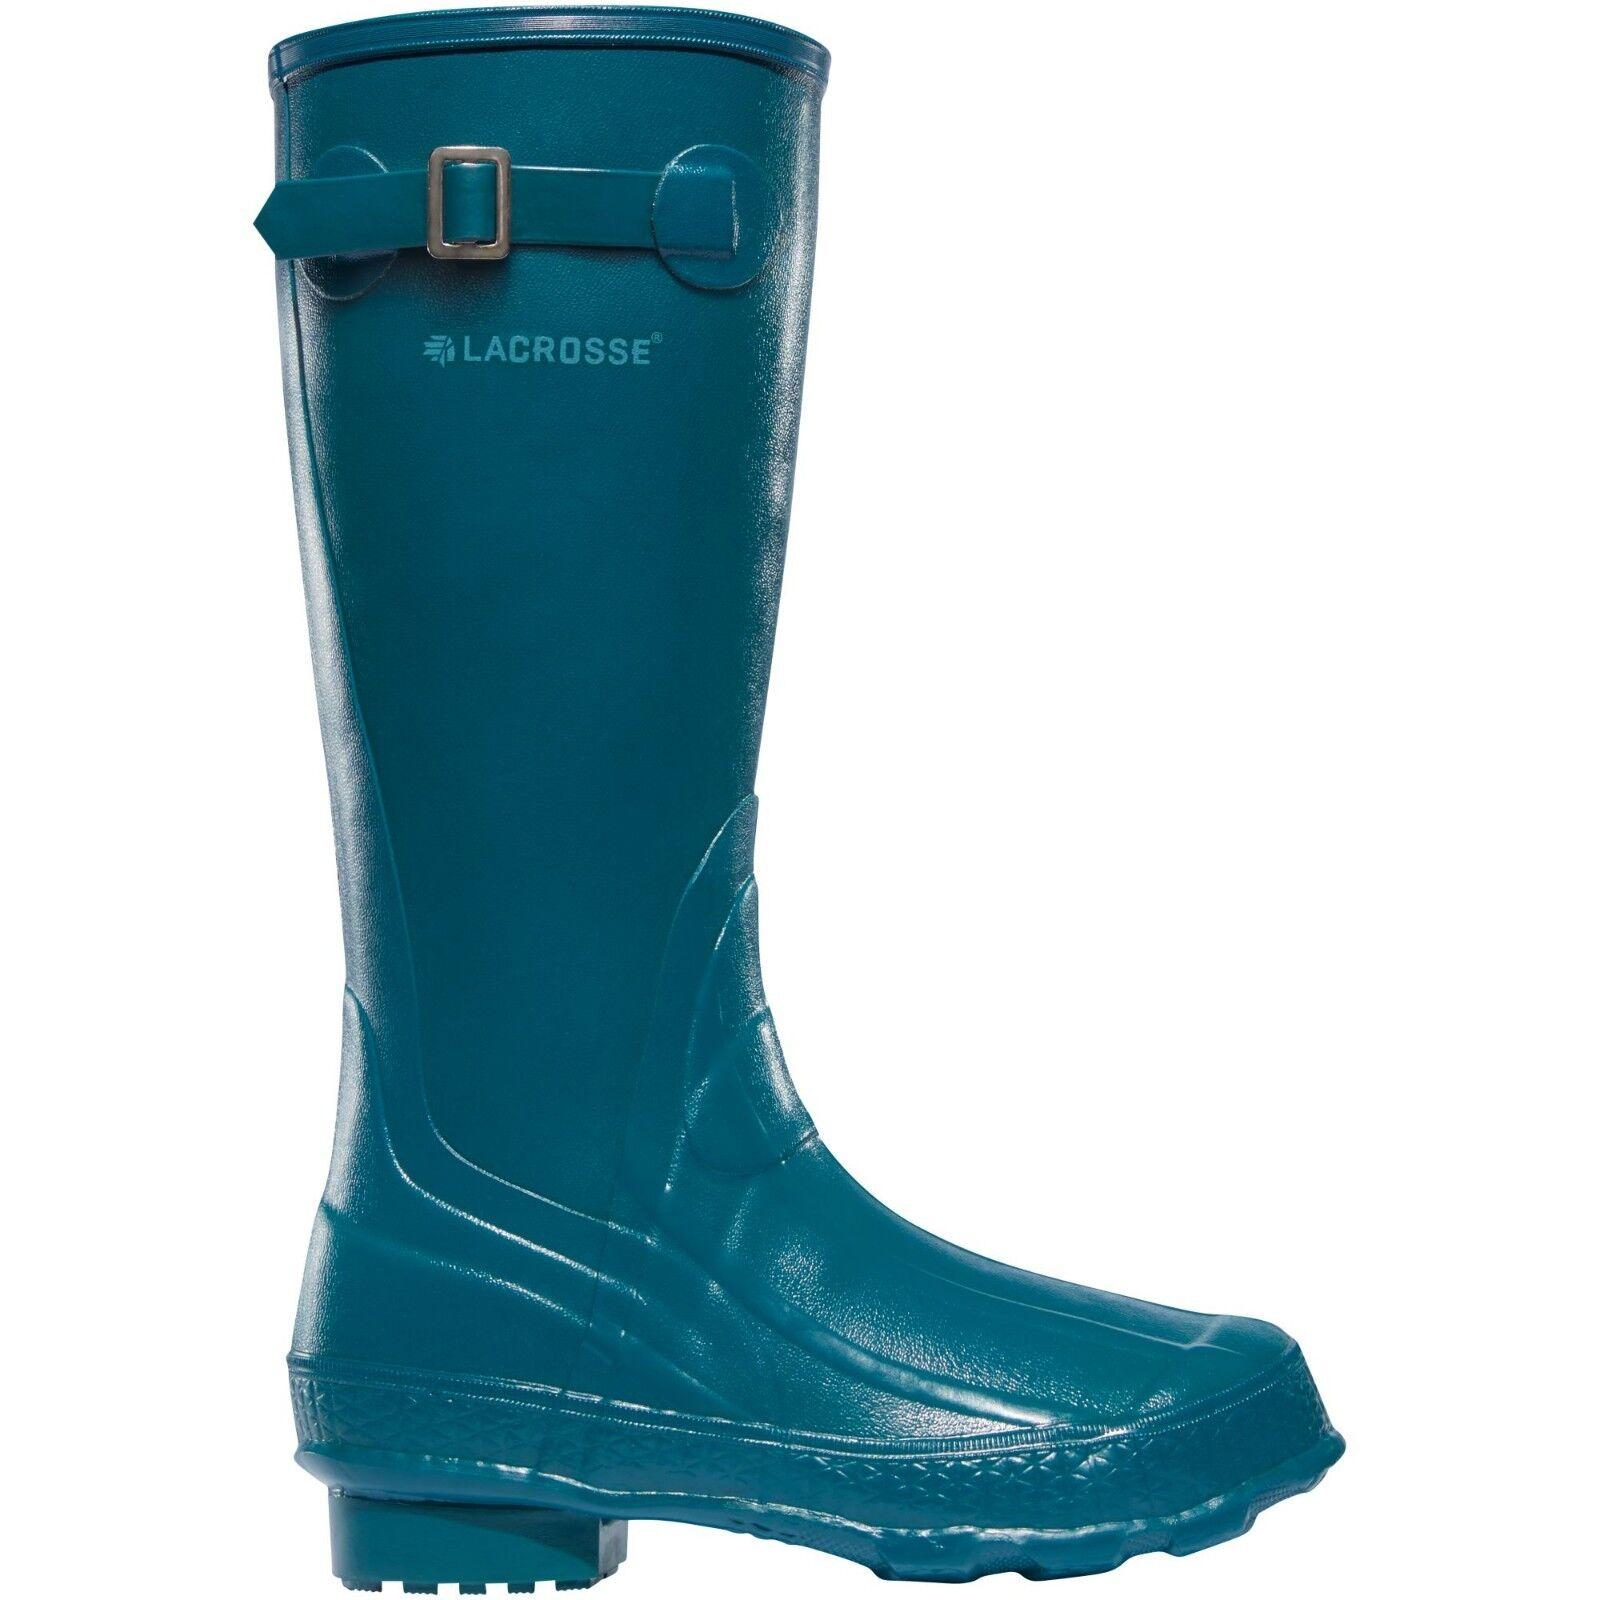 Lacrosse Women's Grange 14  Celestial bluee Rubber Work Boots US Sizes